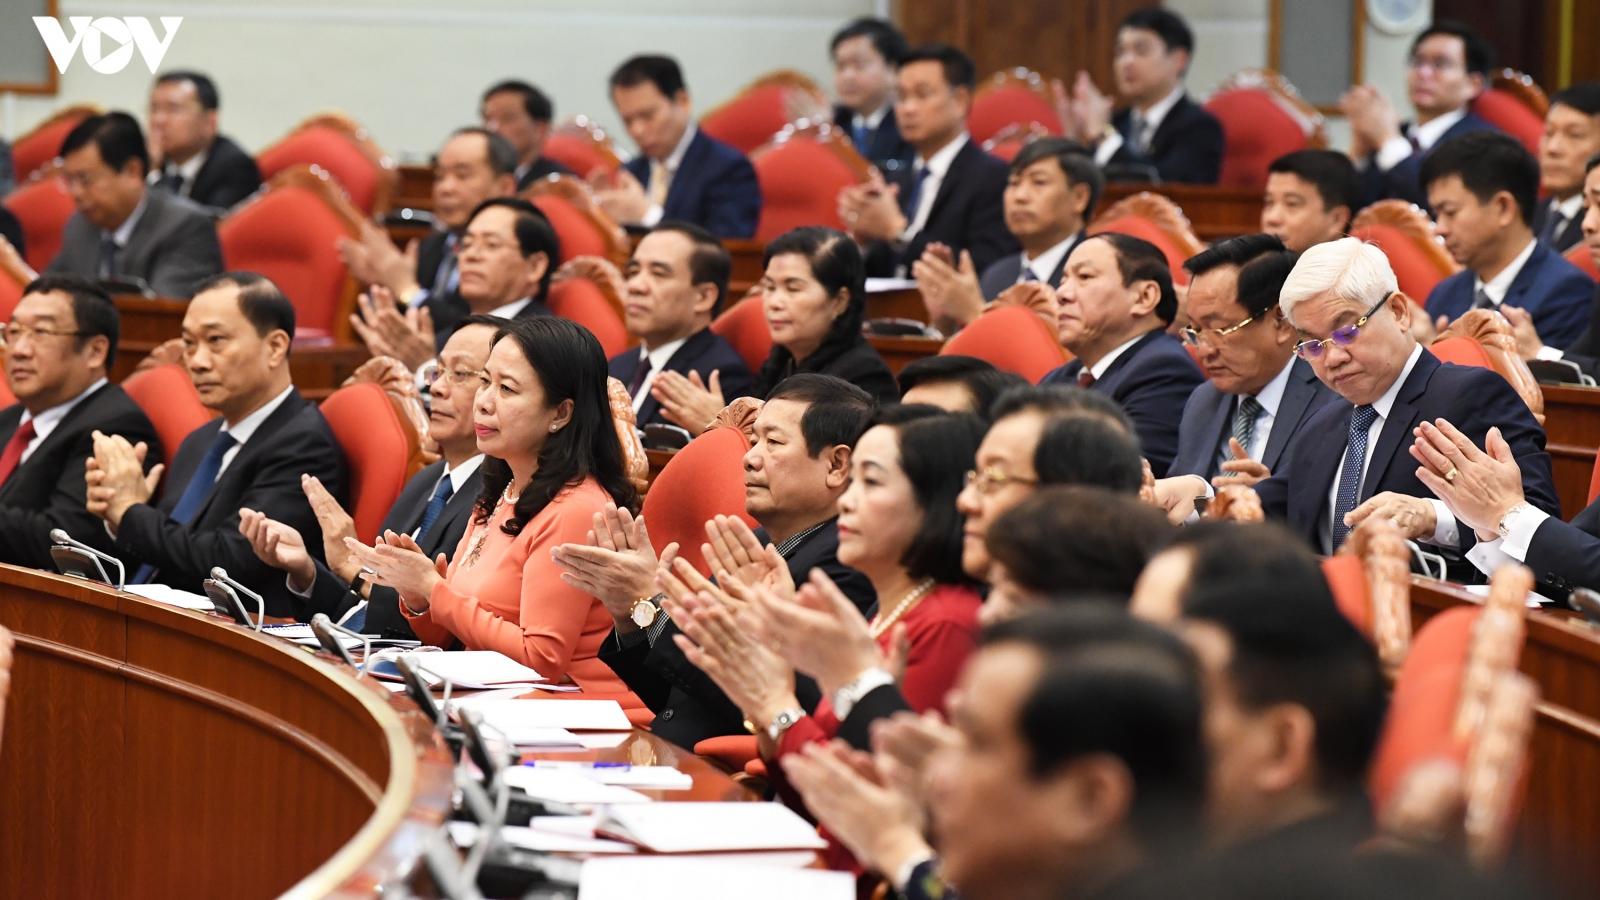 Hình ảnh Khai mạc Hội nghị lần thứ 2 Ban Chấp hành Trung ương khóa XIII